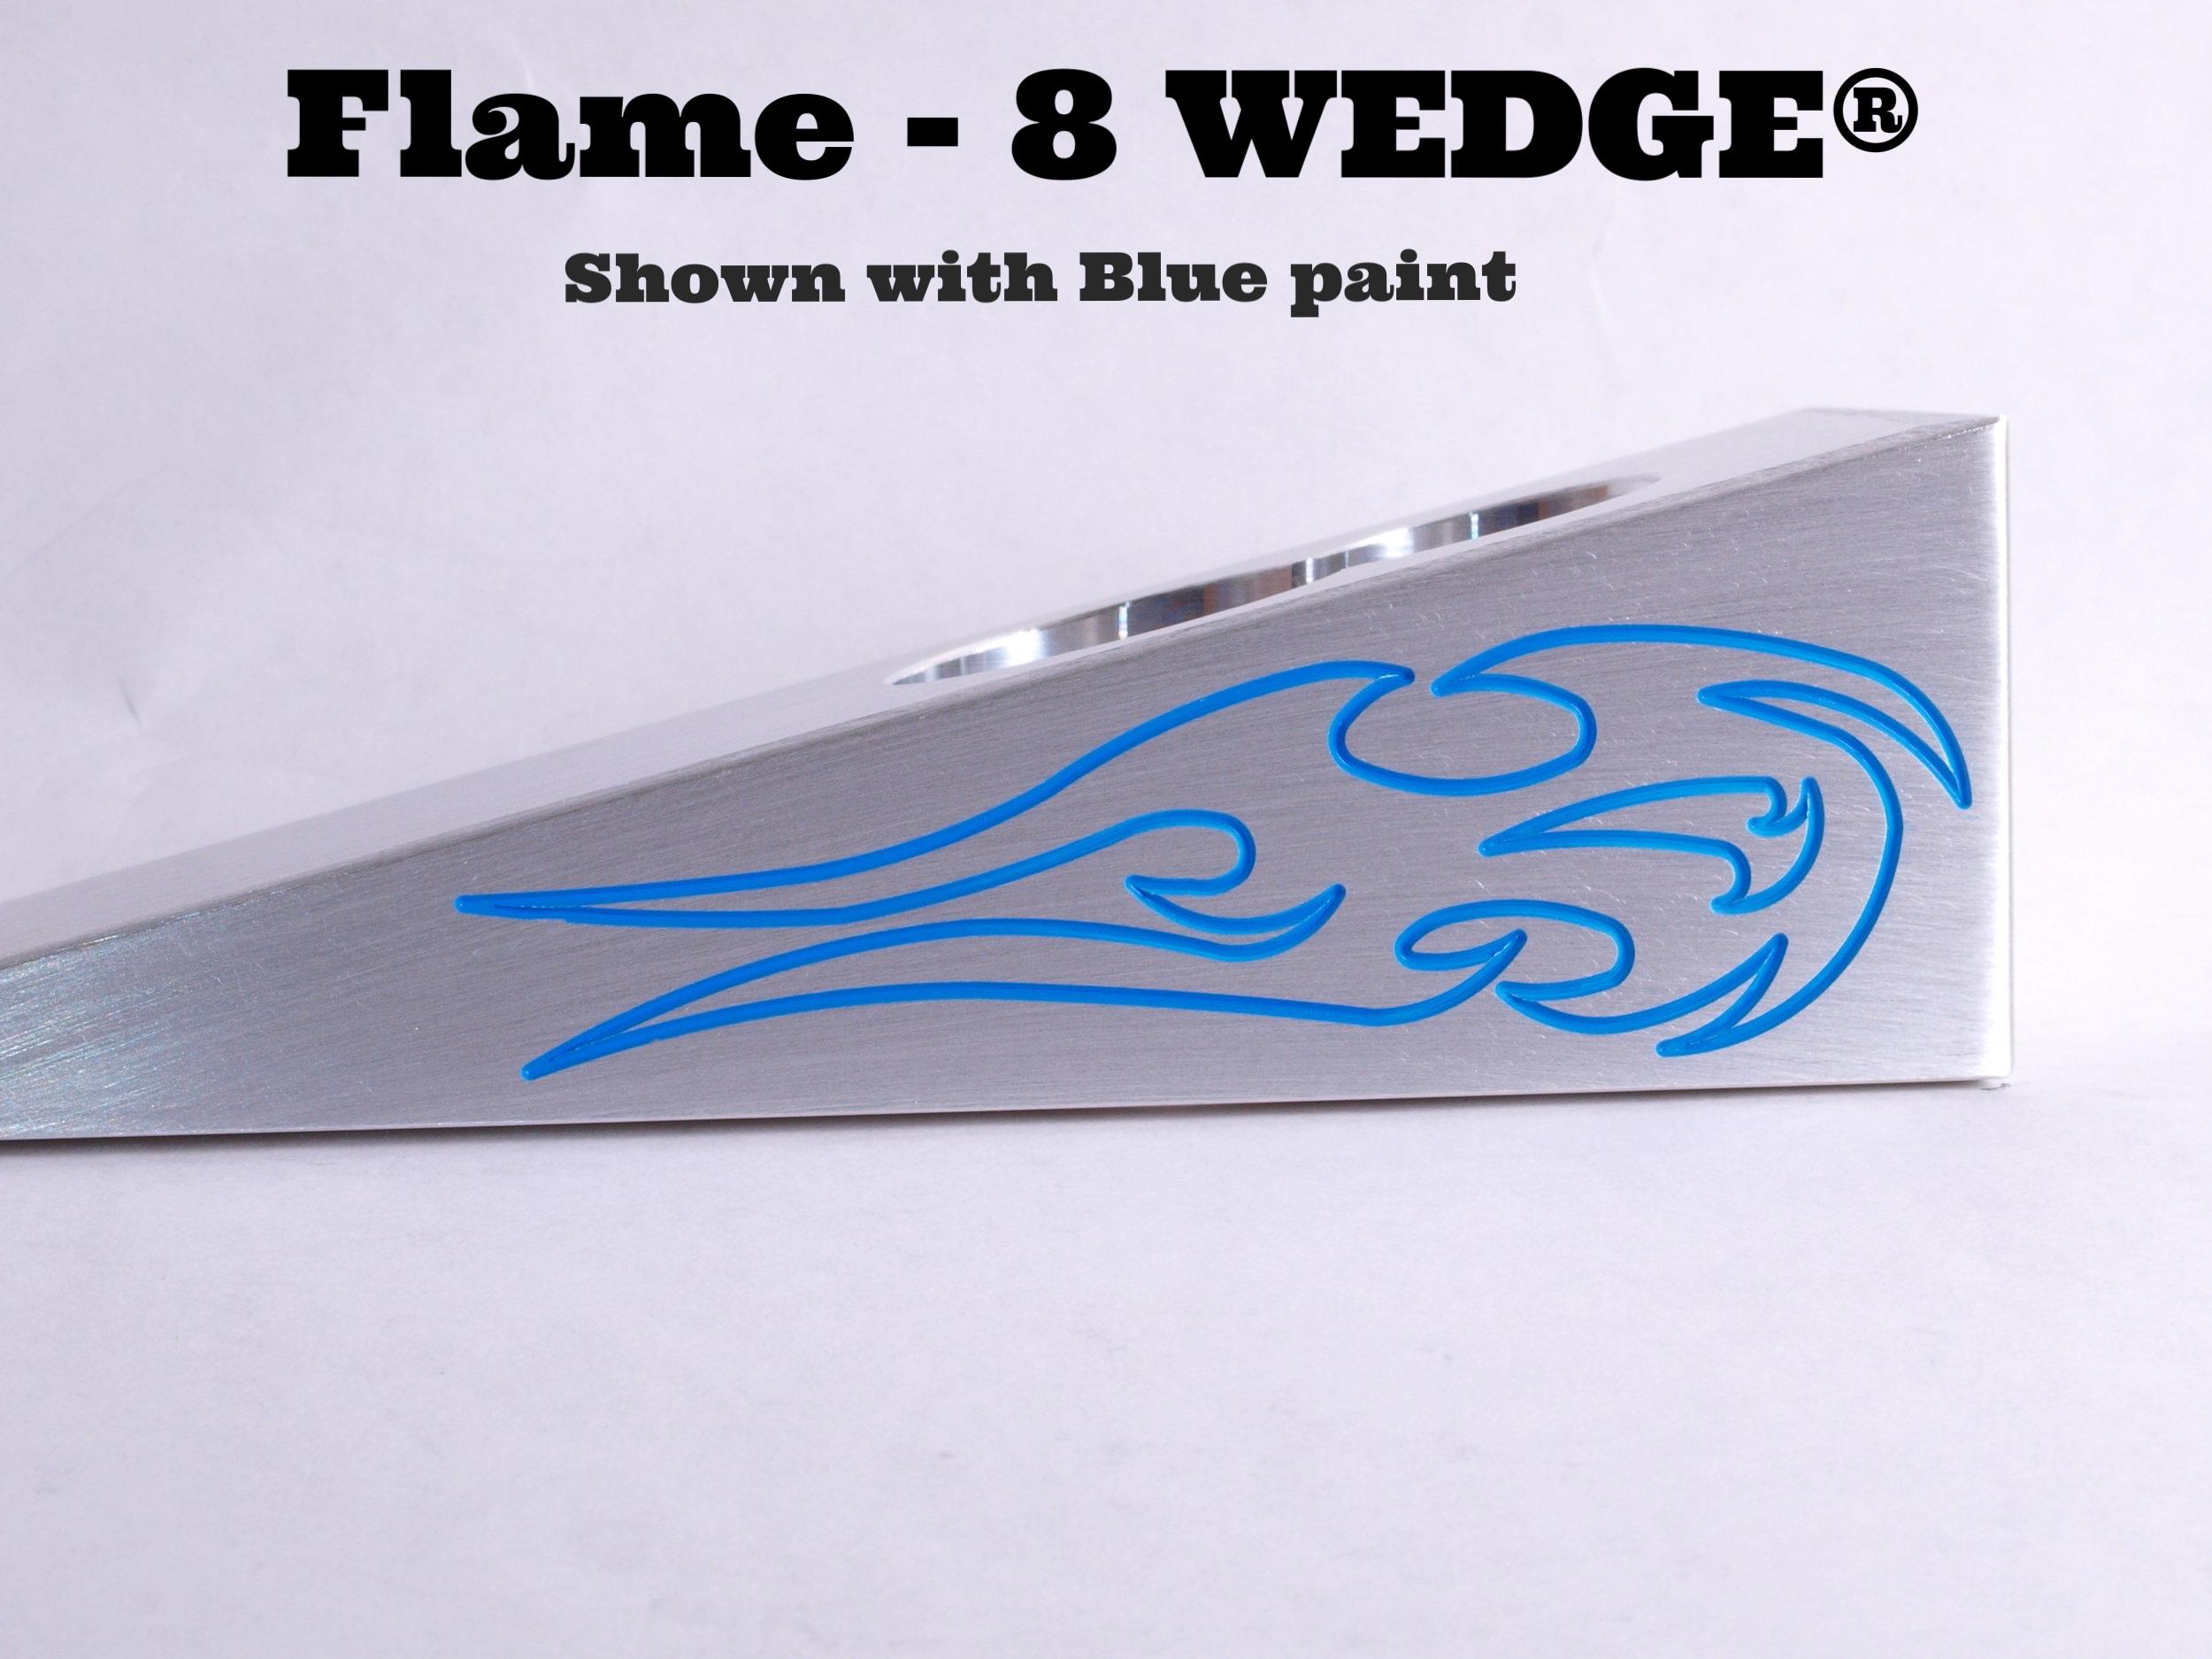 Flame - 8 WEDGE®